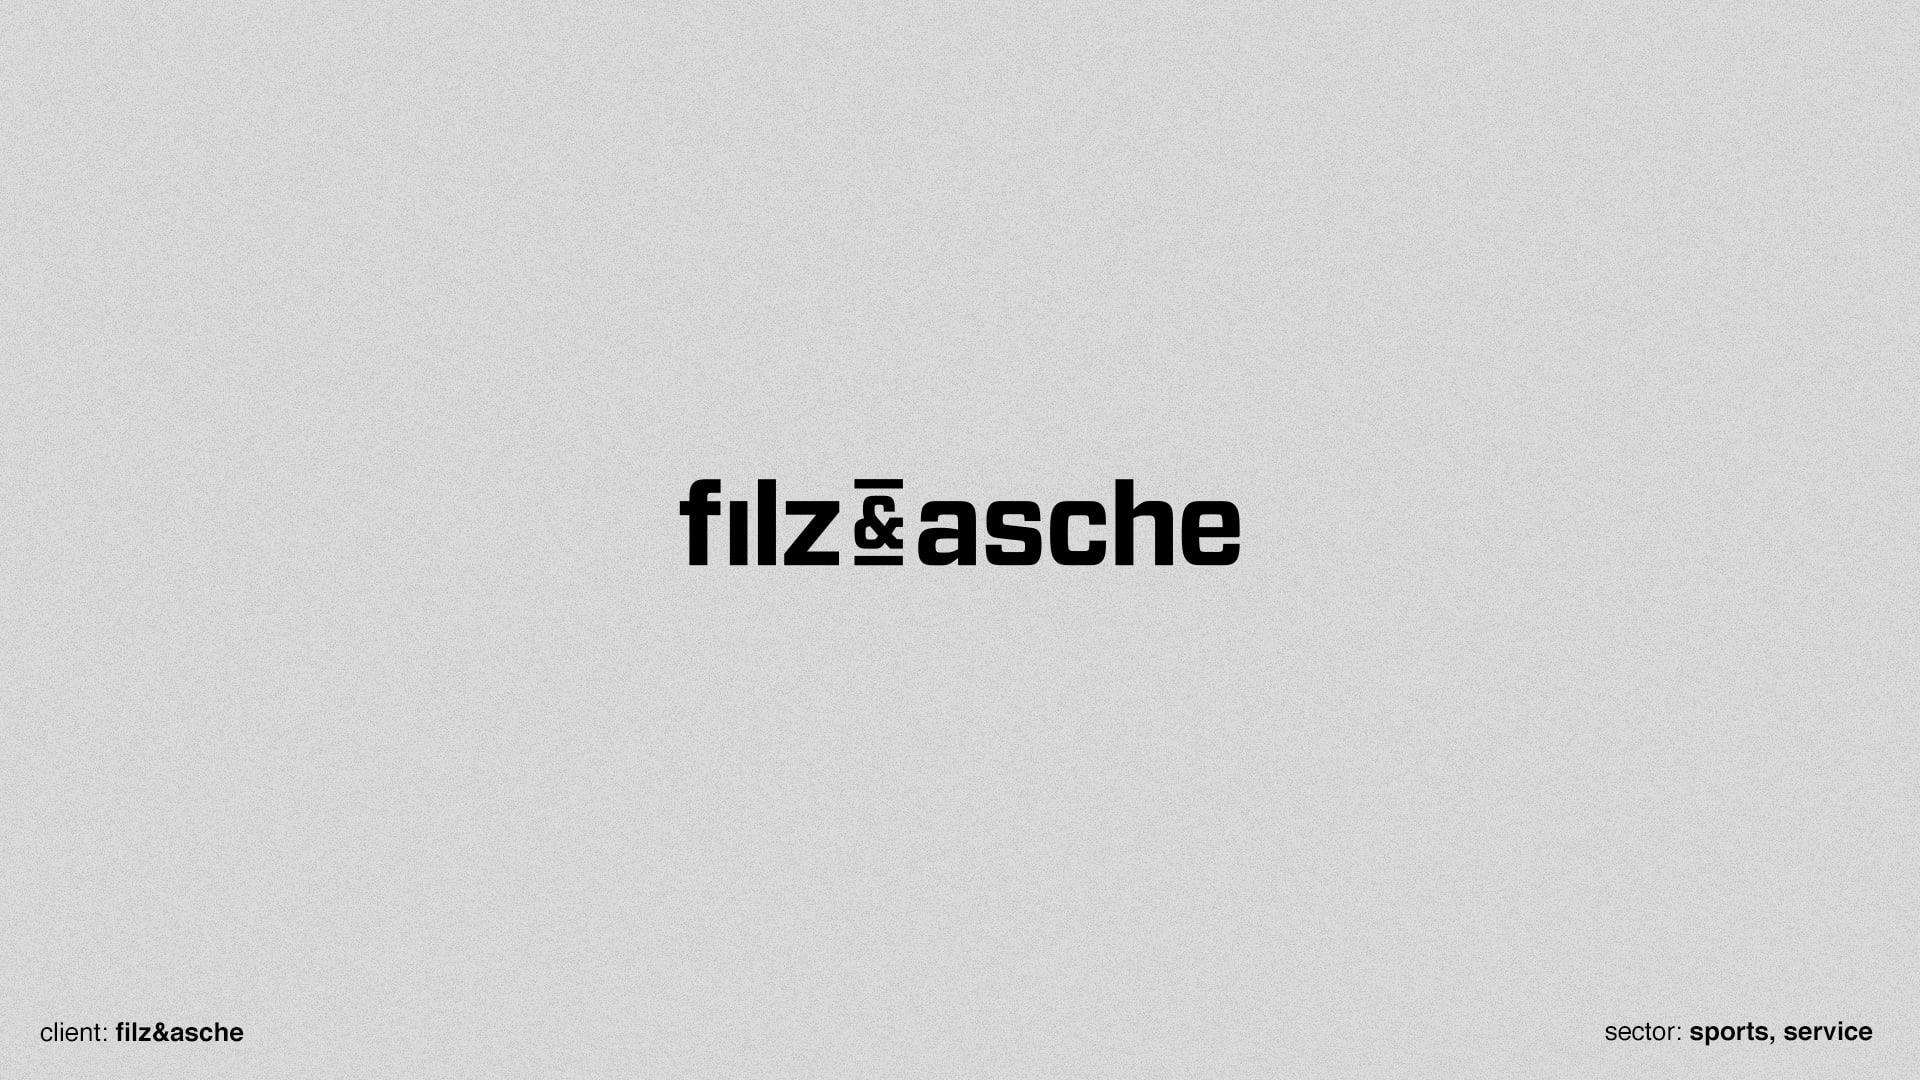 03-filzundasche